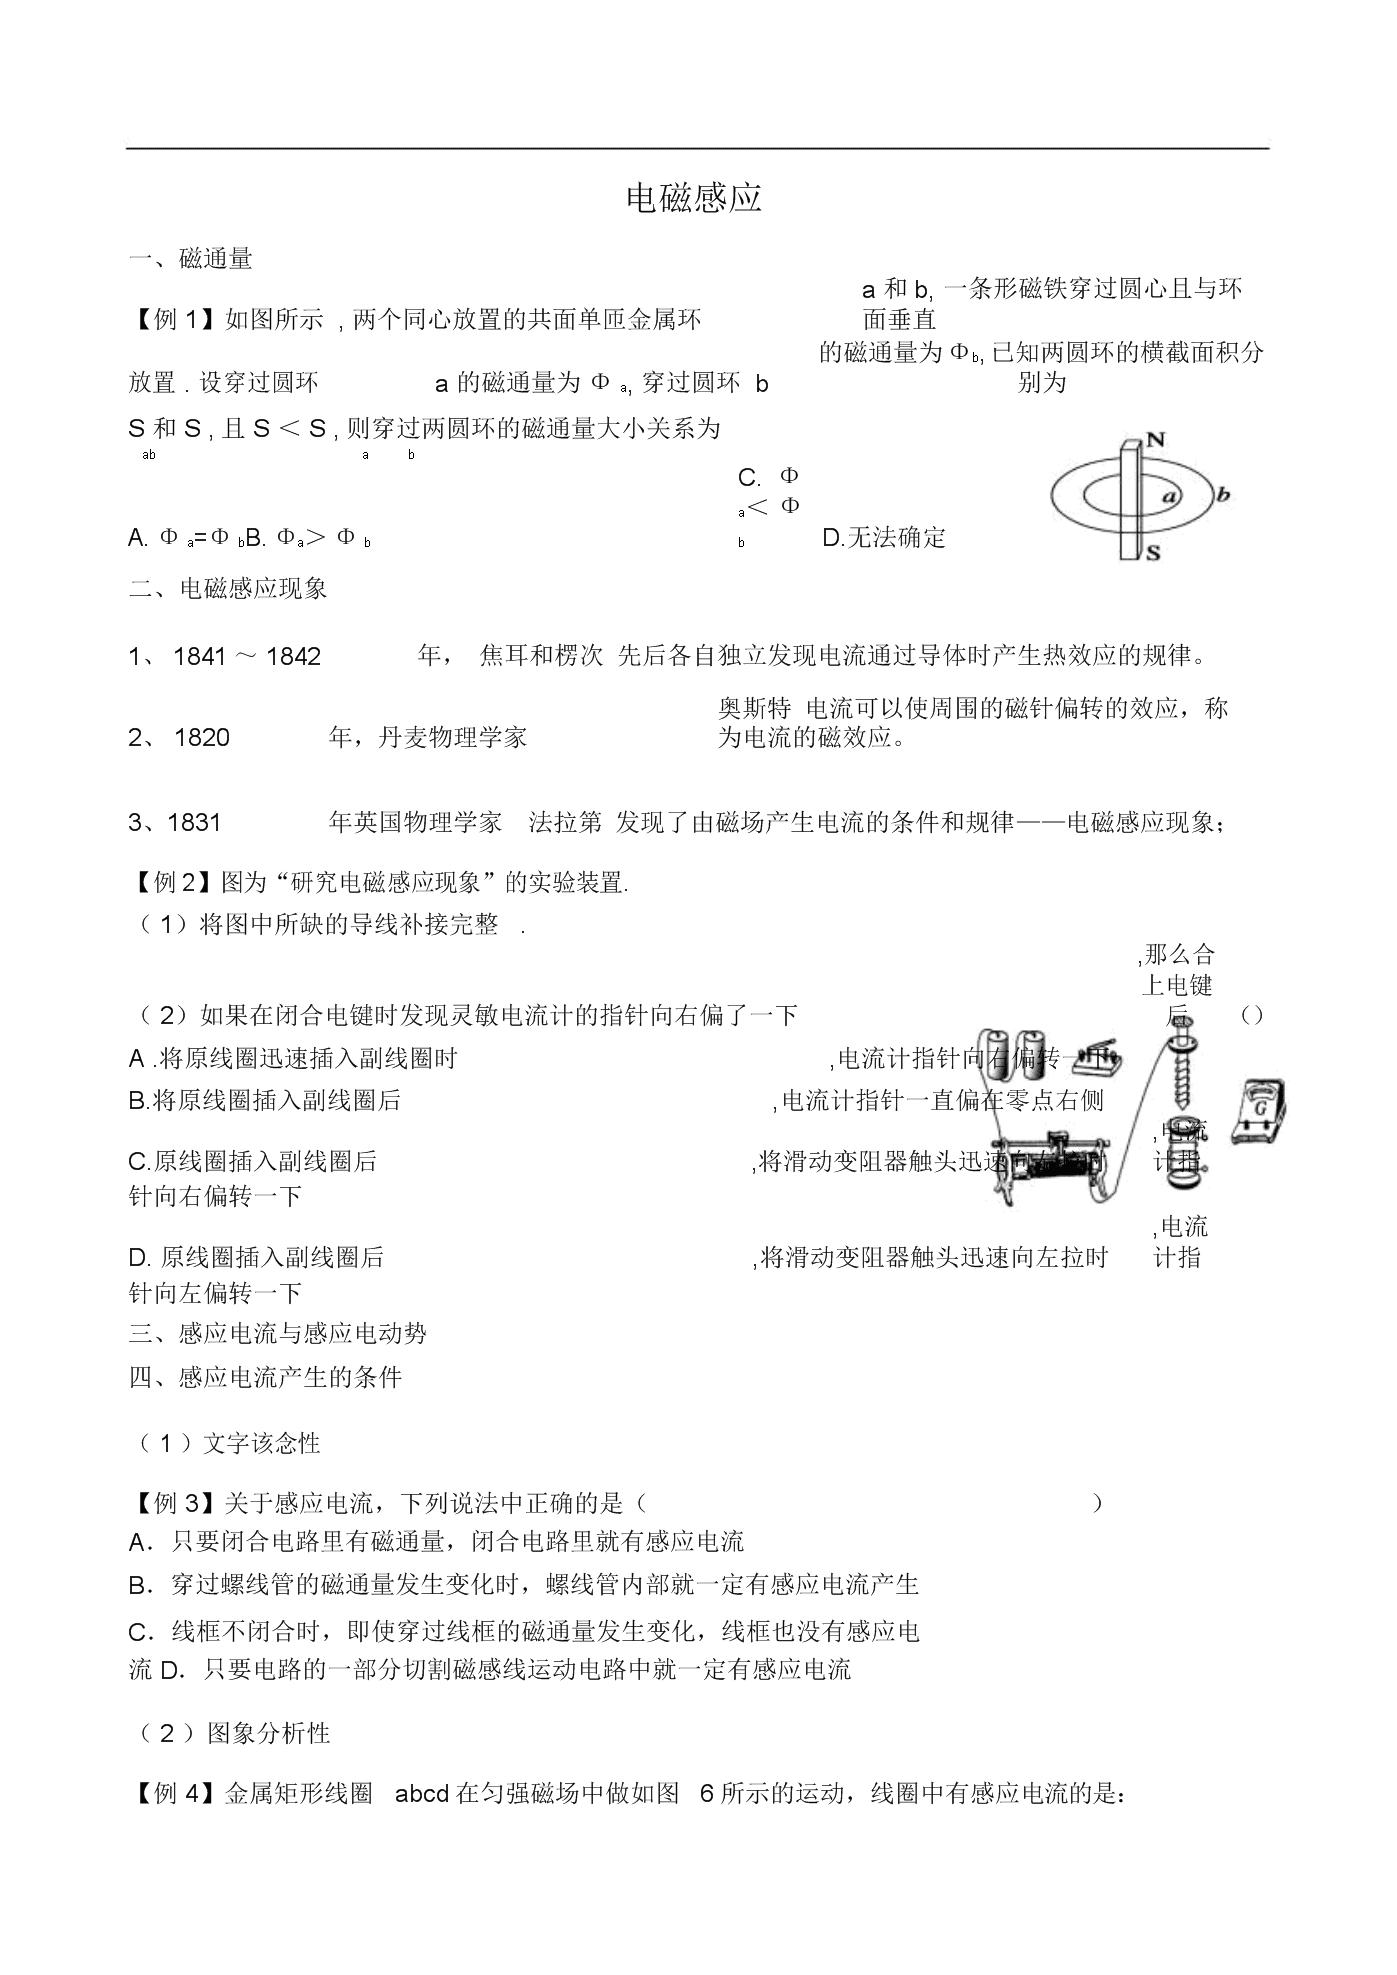 高二物理专题练习-电磁感应典型题型归类.docx